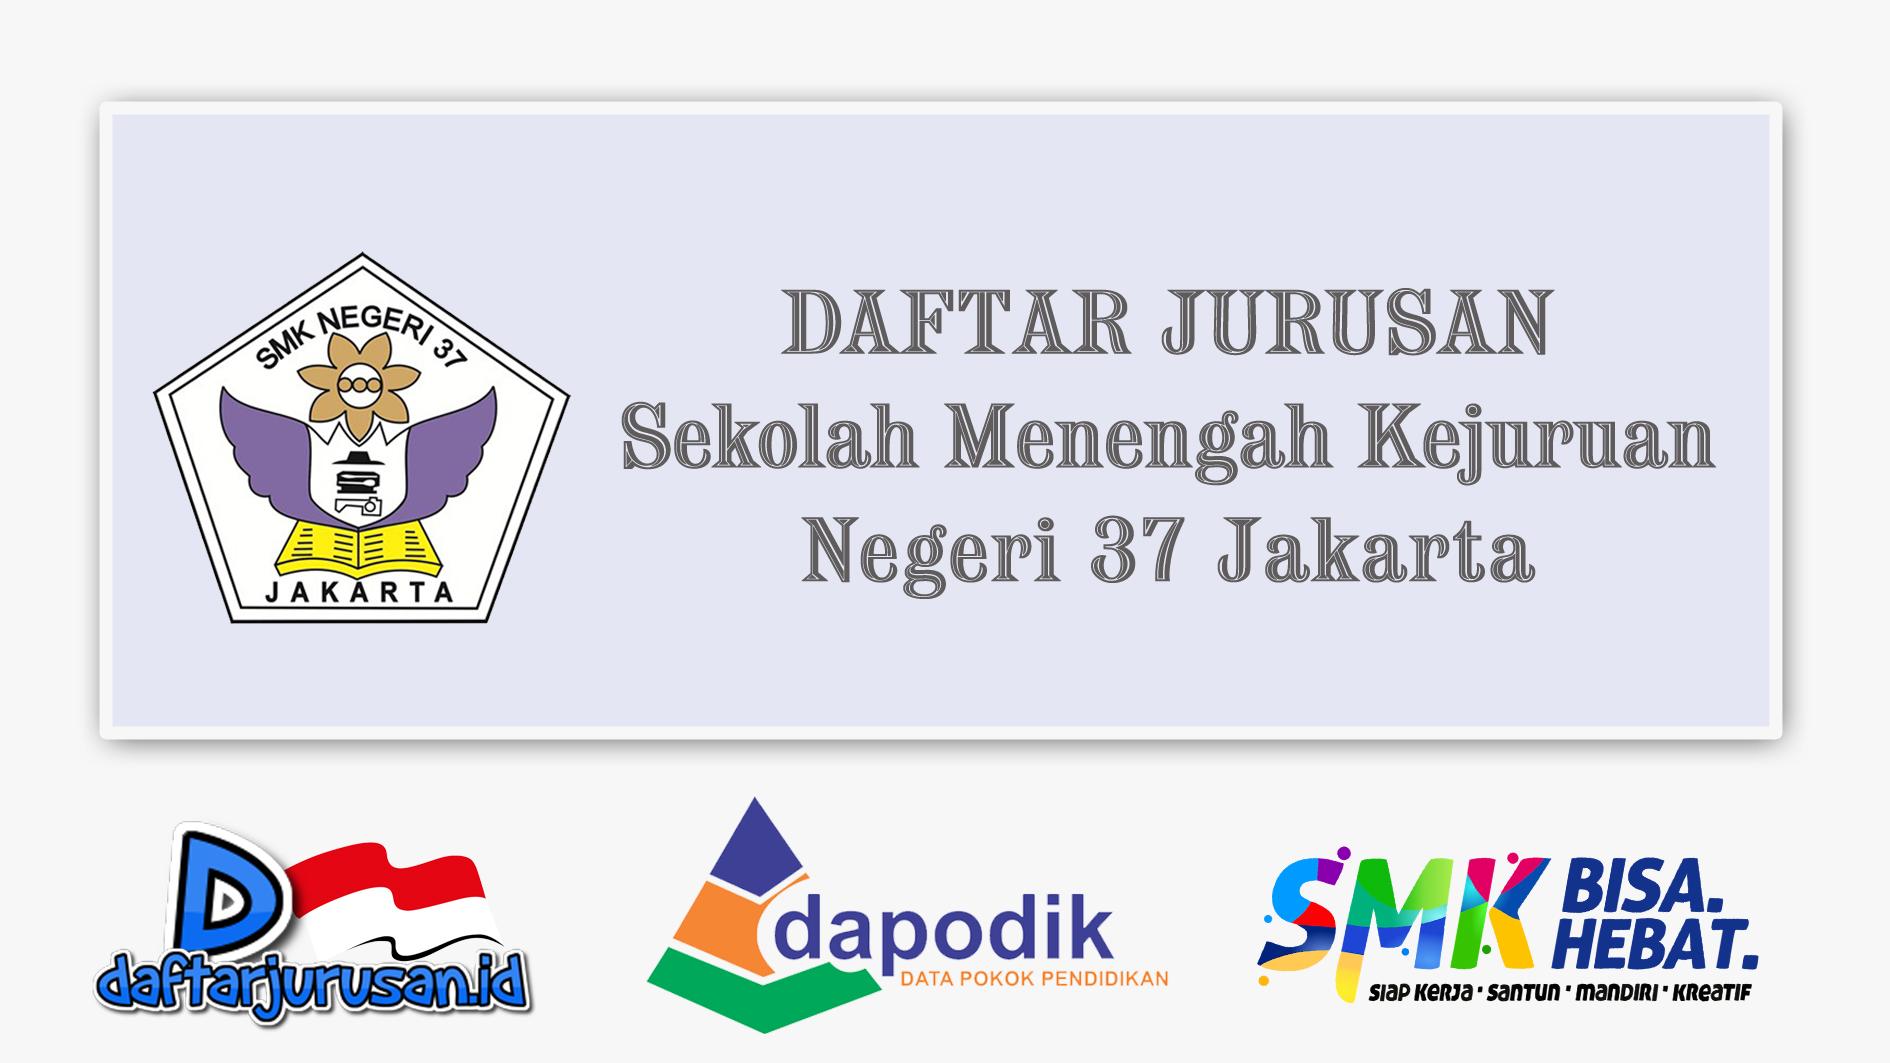 Daftar Jurusan SMK Negeri 37 Jakarta Selatan